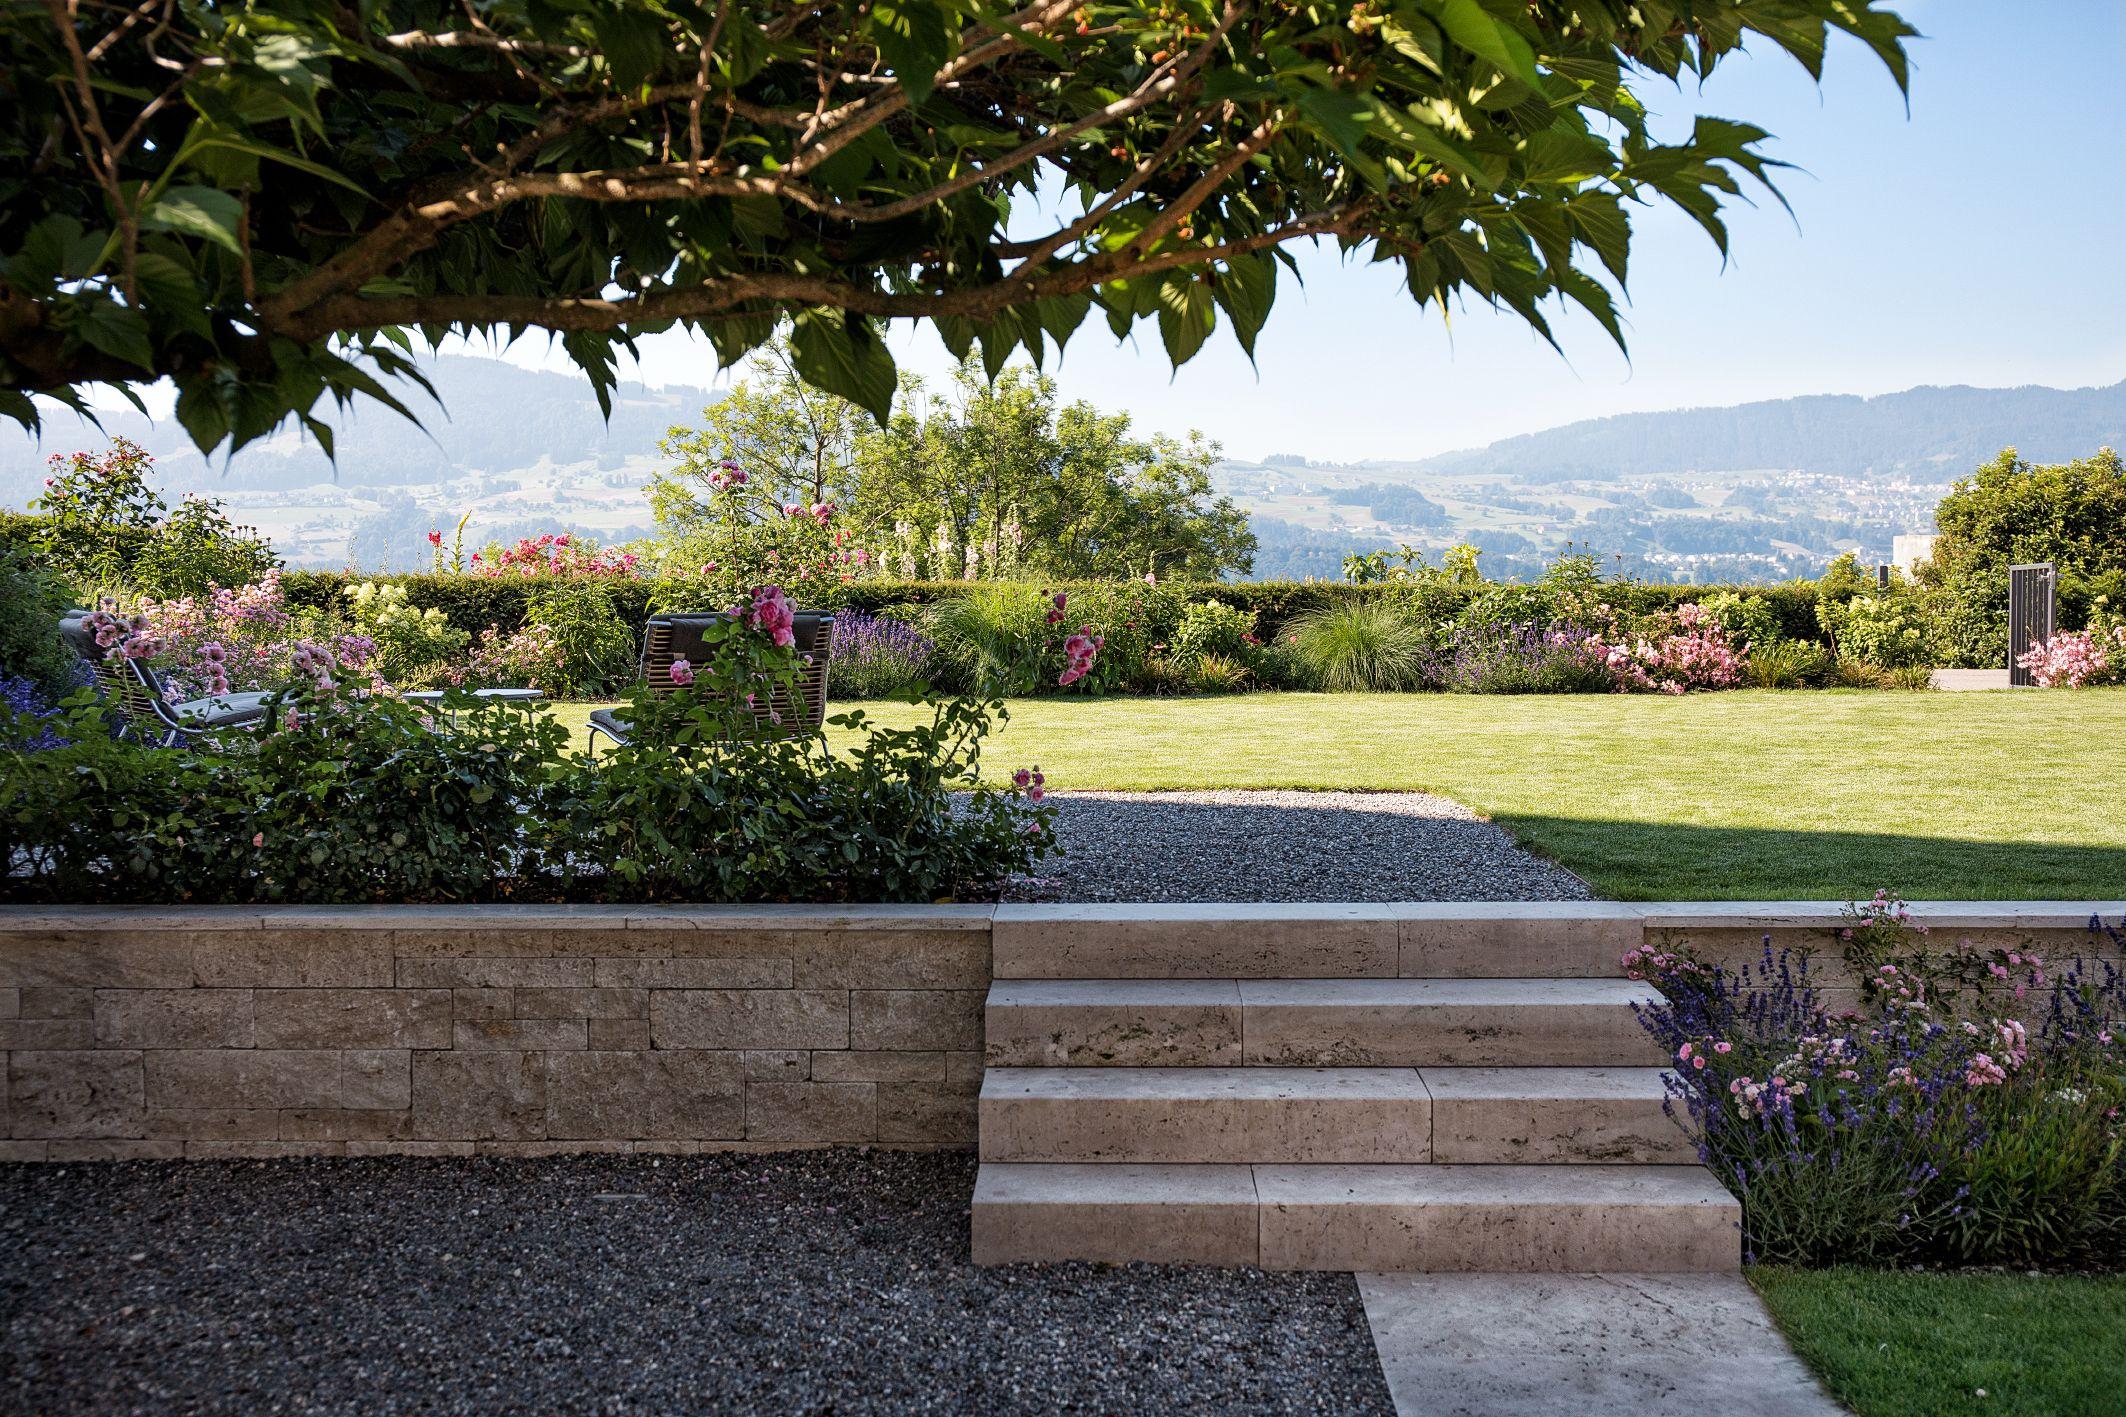 Die Niedrige Mauer Die Zugleich Eine Stutzfunktion Ubernimmt Wird Zum Blickfang In Diesem Traumgarten Die Treppe Fuhrt A Garten Traumgarten Gartengestaltung